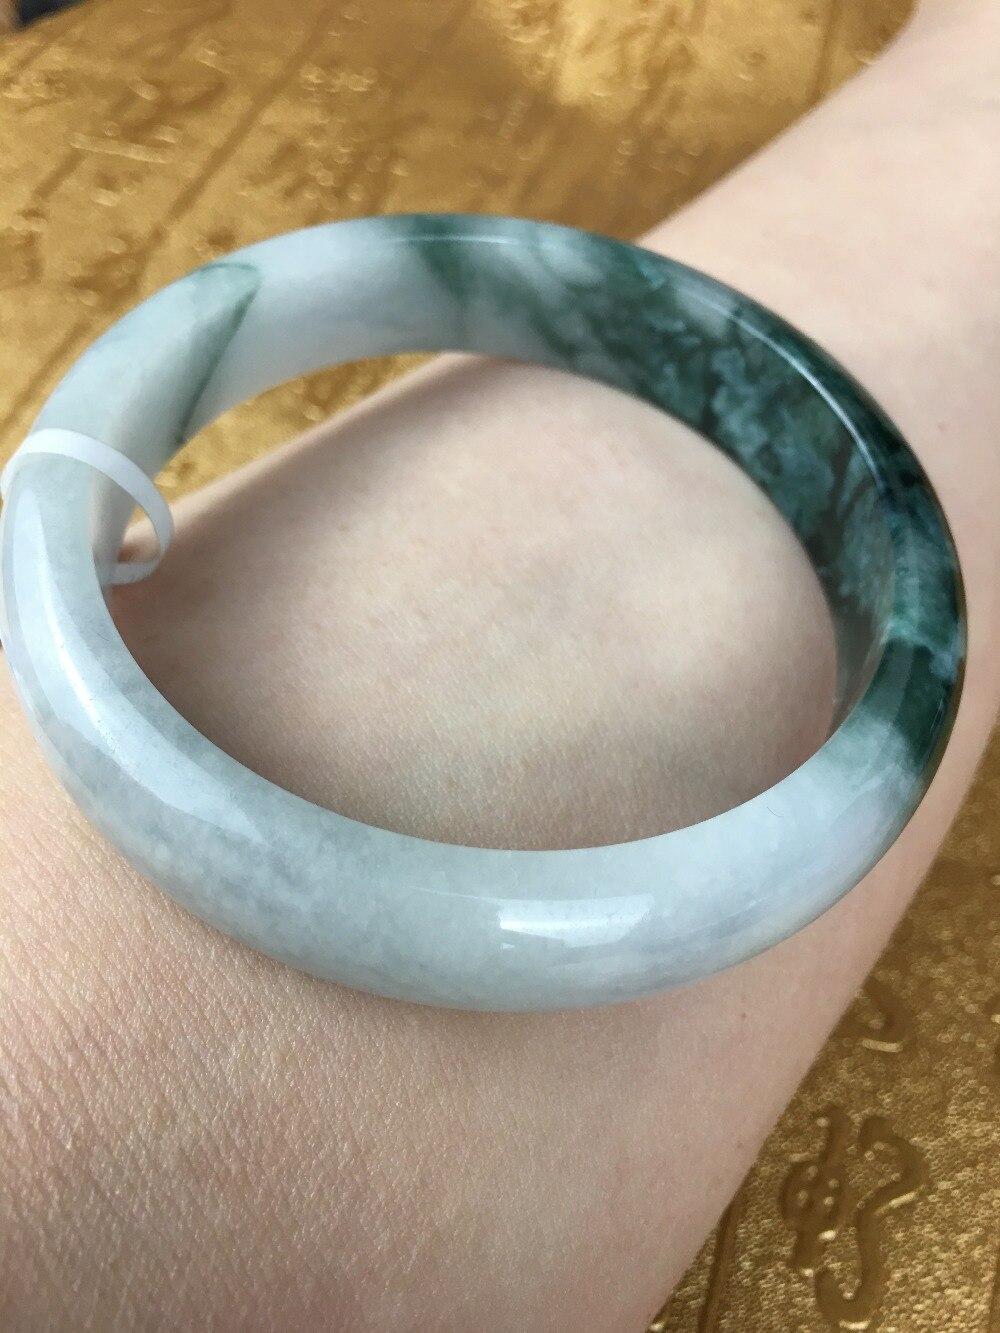 Send A certificate natural Jadeite bracelet Light green floating blue 54-61mm female bracelet Jewelry giftSend A certificate natural Jadeite bracelet Light green floating blue 54-61mm female bracelet Jewelry gift